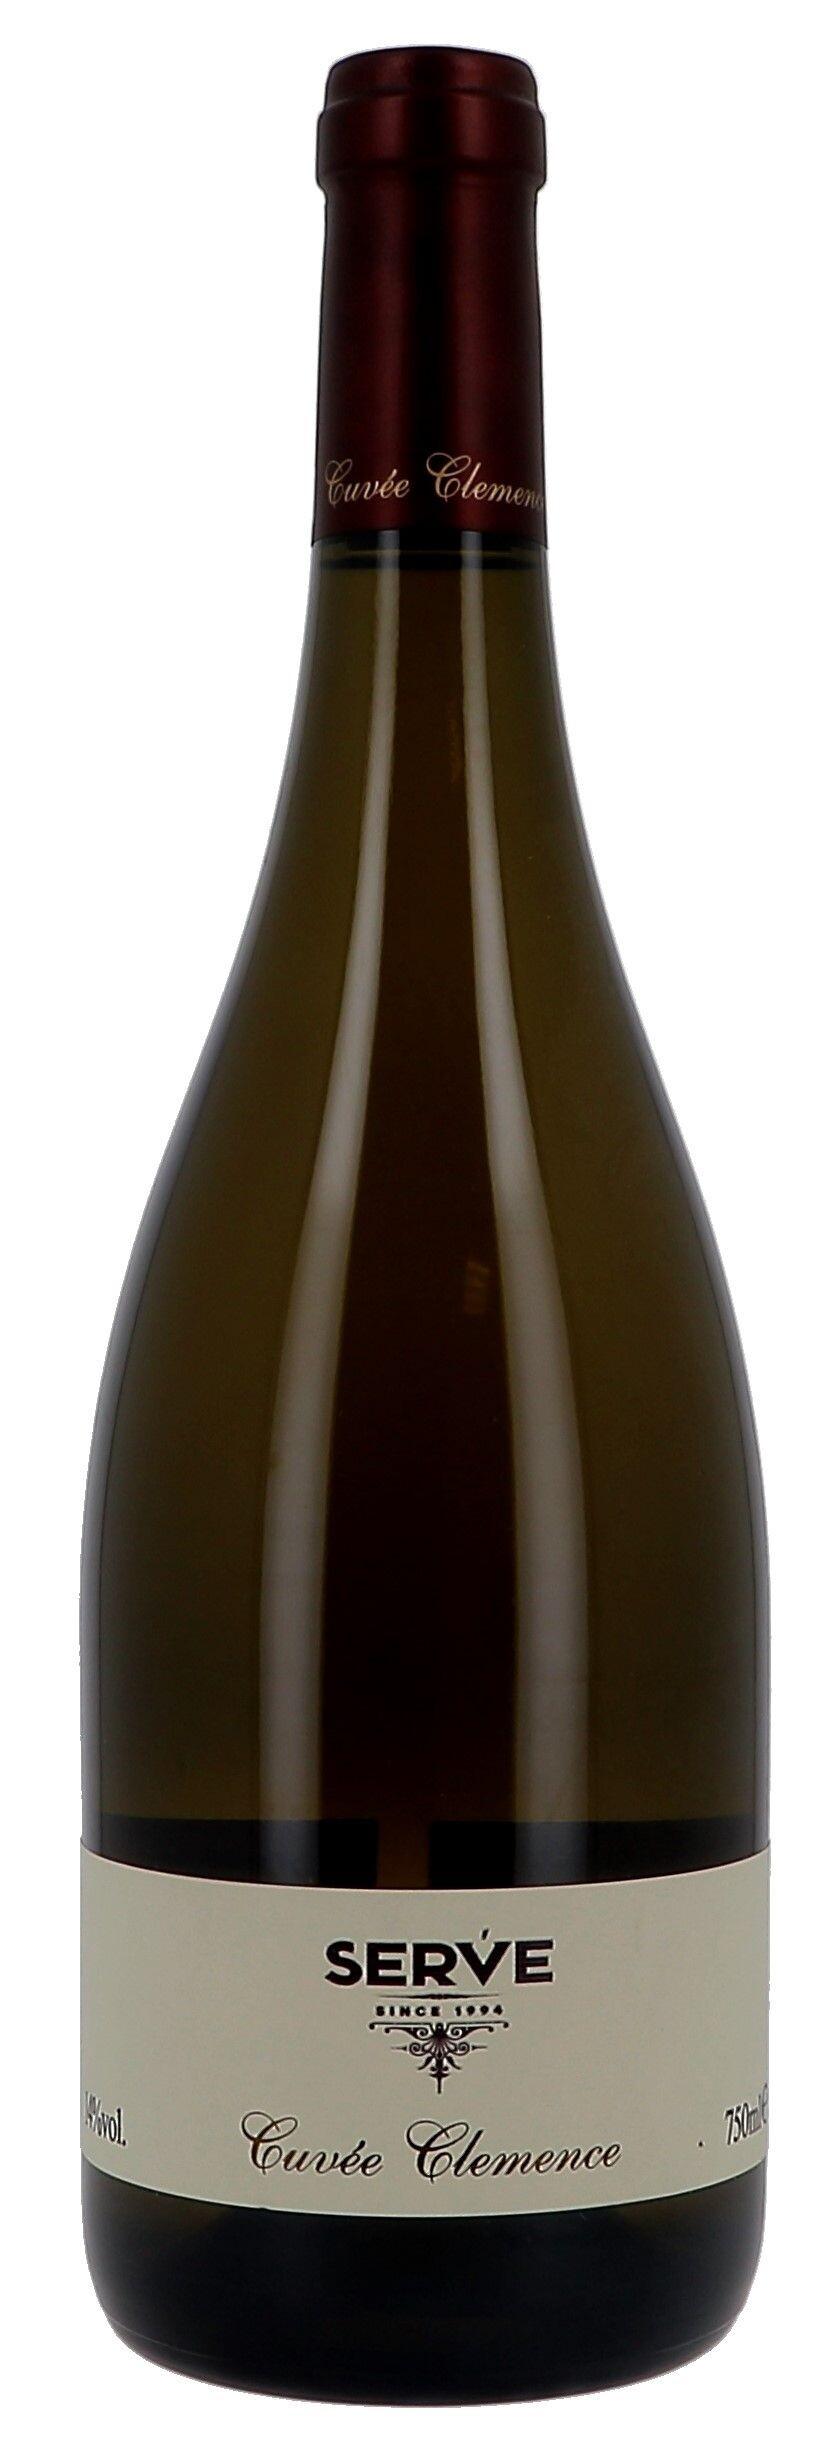 Serve Terra Romana Cuvée Clémence 75cl Romania wine